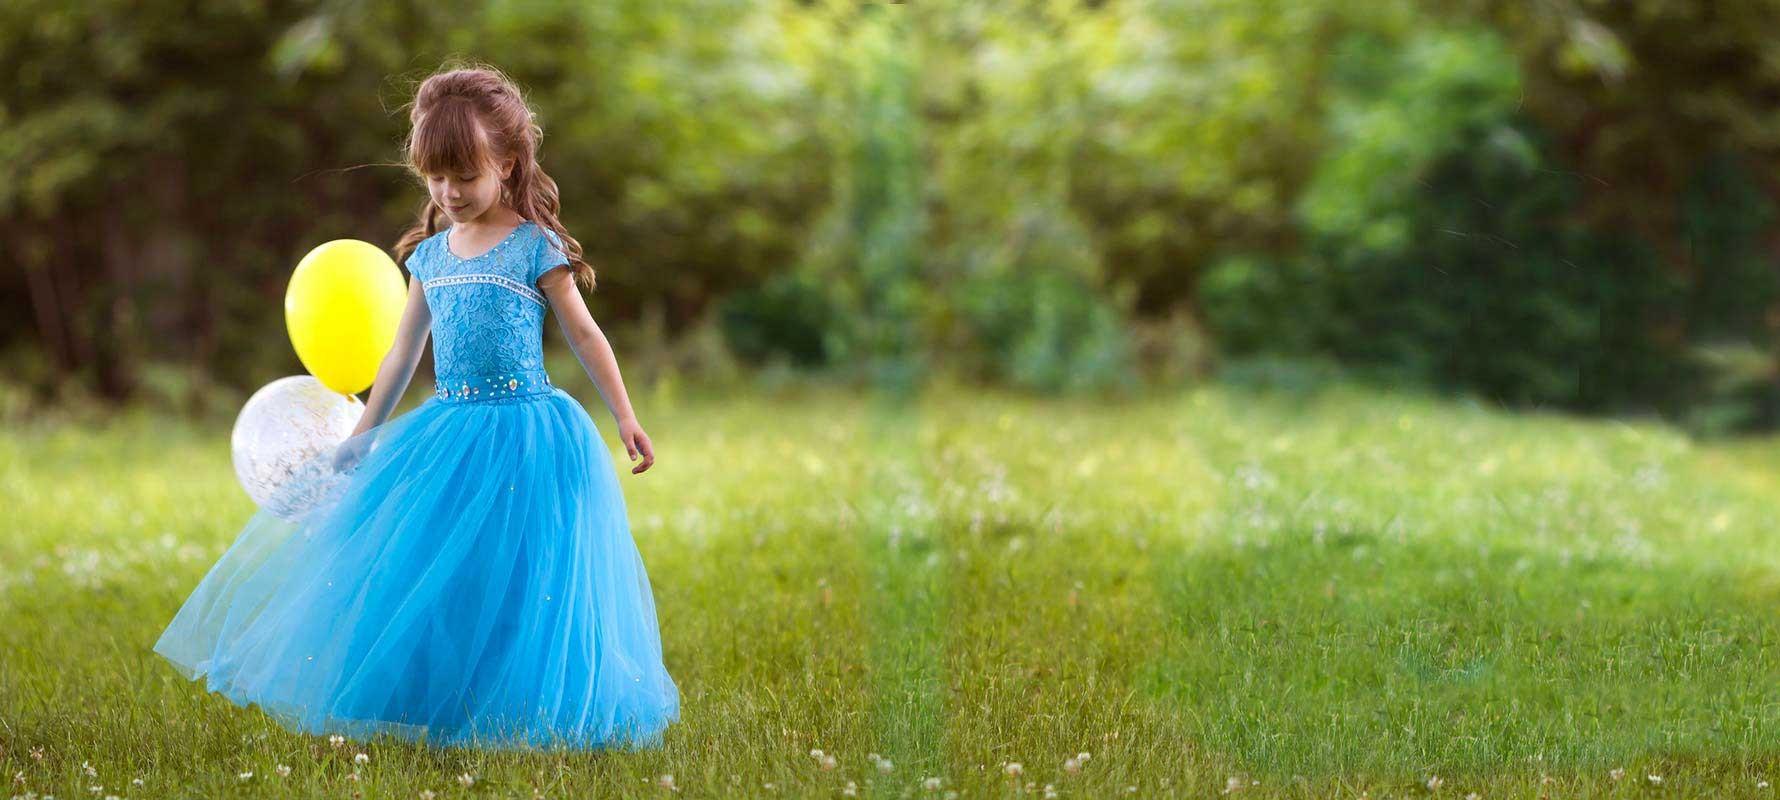 Découvrez la sélection robes de cérémonie et demoiselle pour petites filles